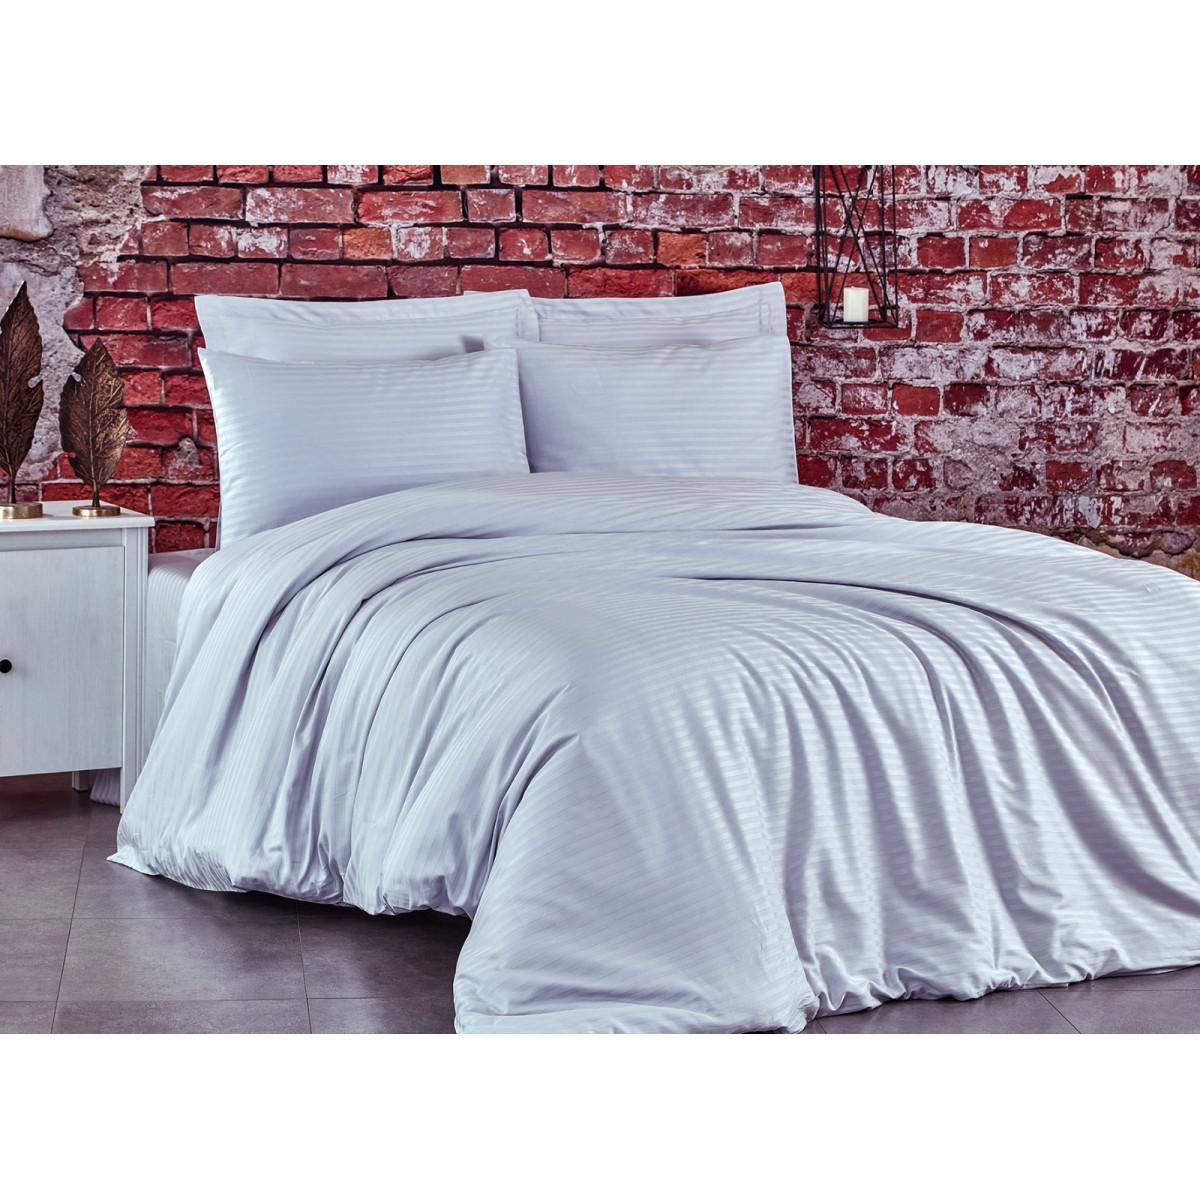 Спален комплект - 100% памук сатен - 210 нишки - Бяло